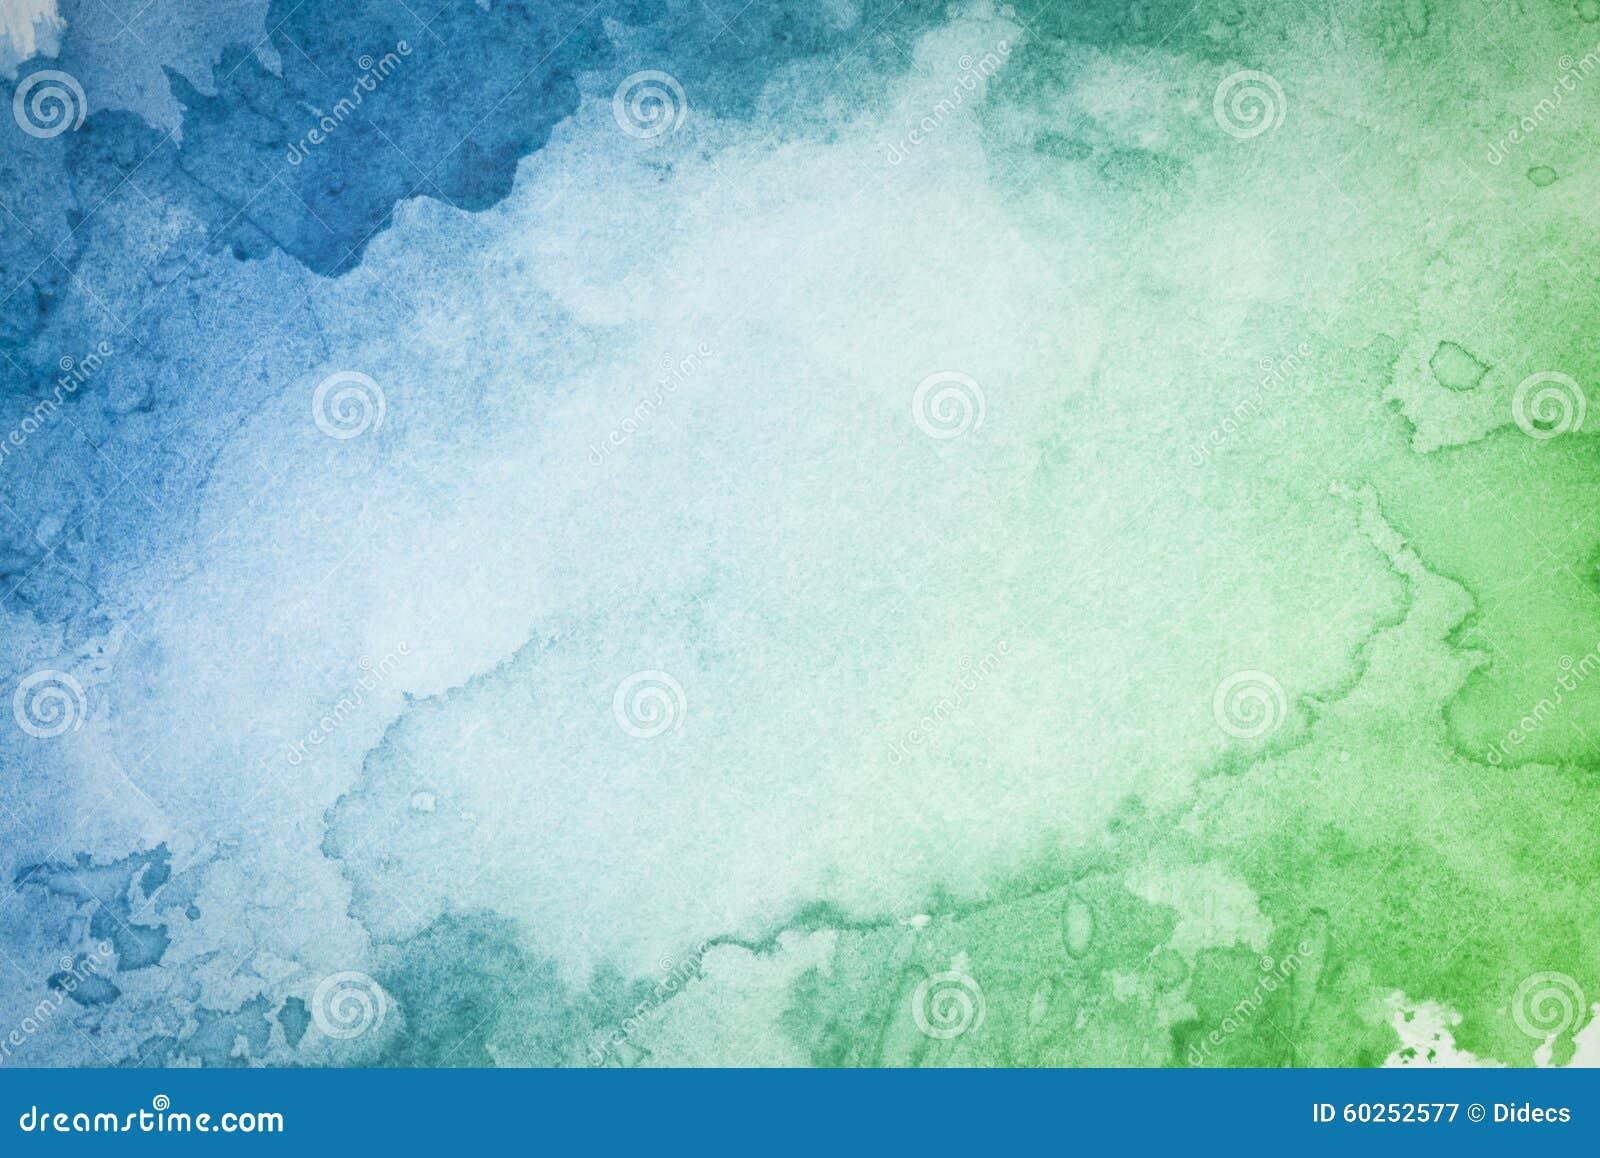 Abstrakter künstlerischer grün-blauer Aquarellhintergrund